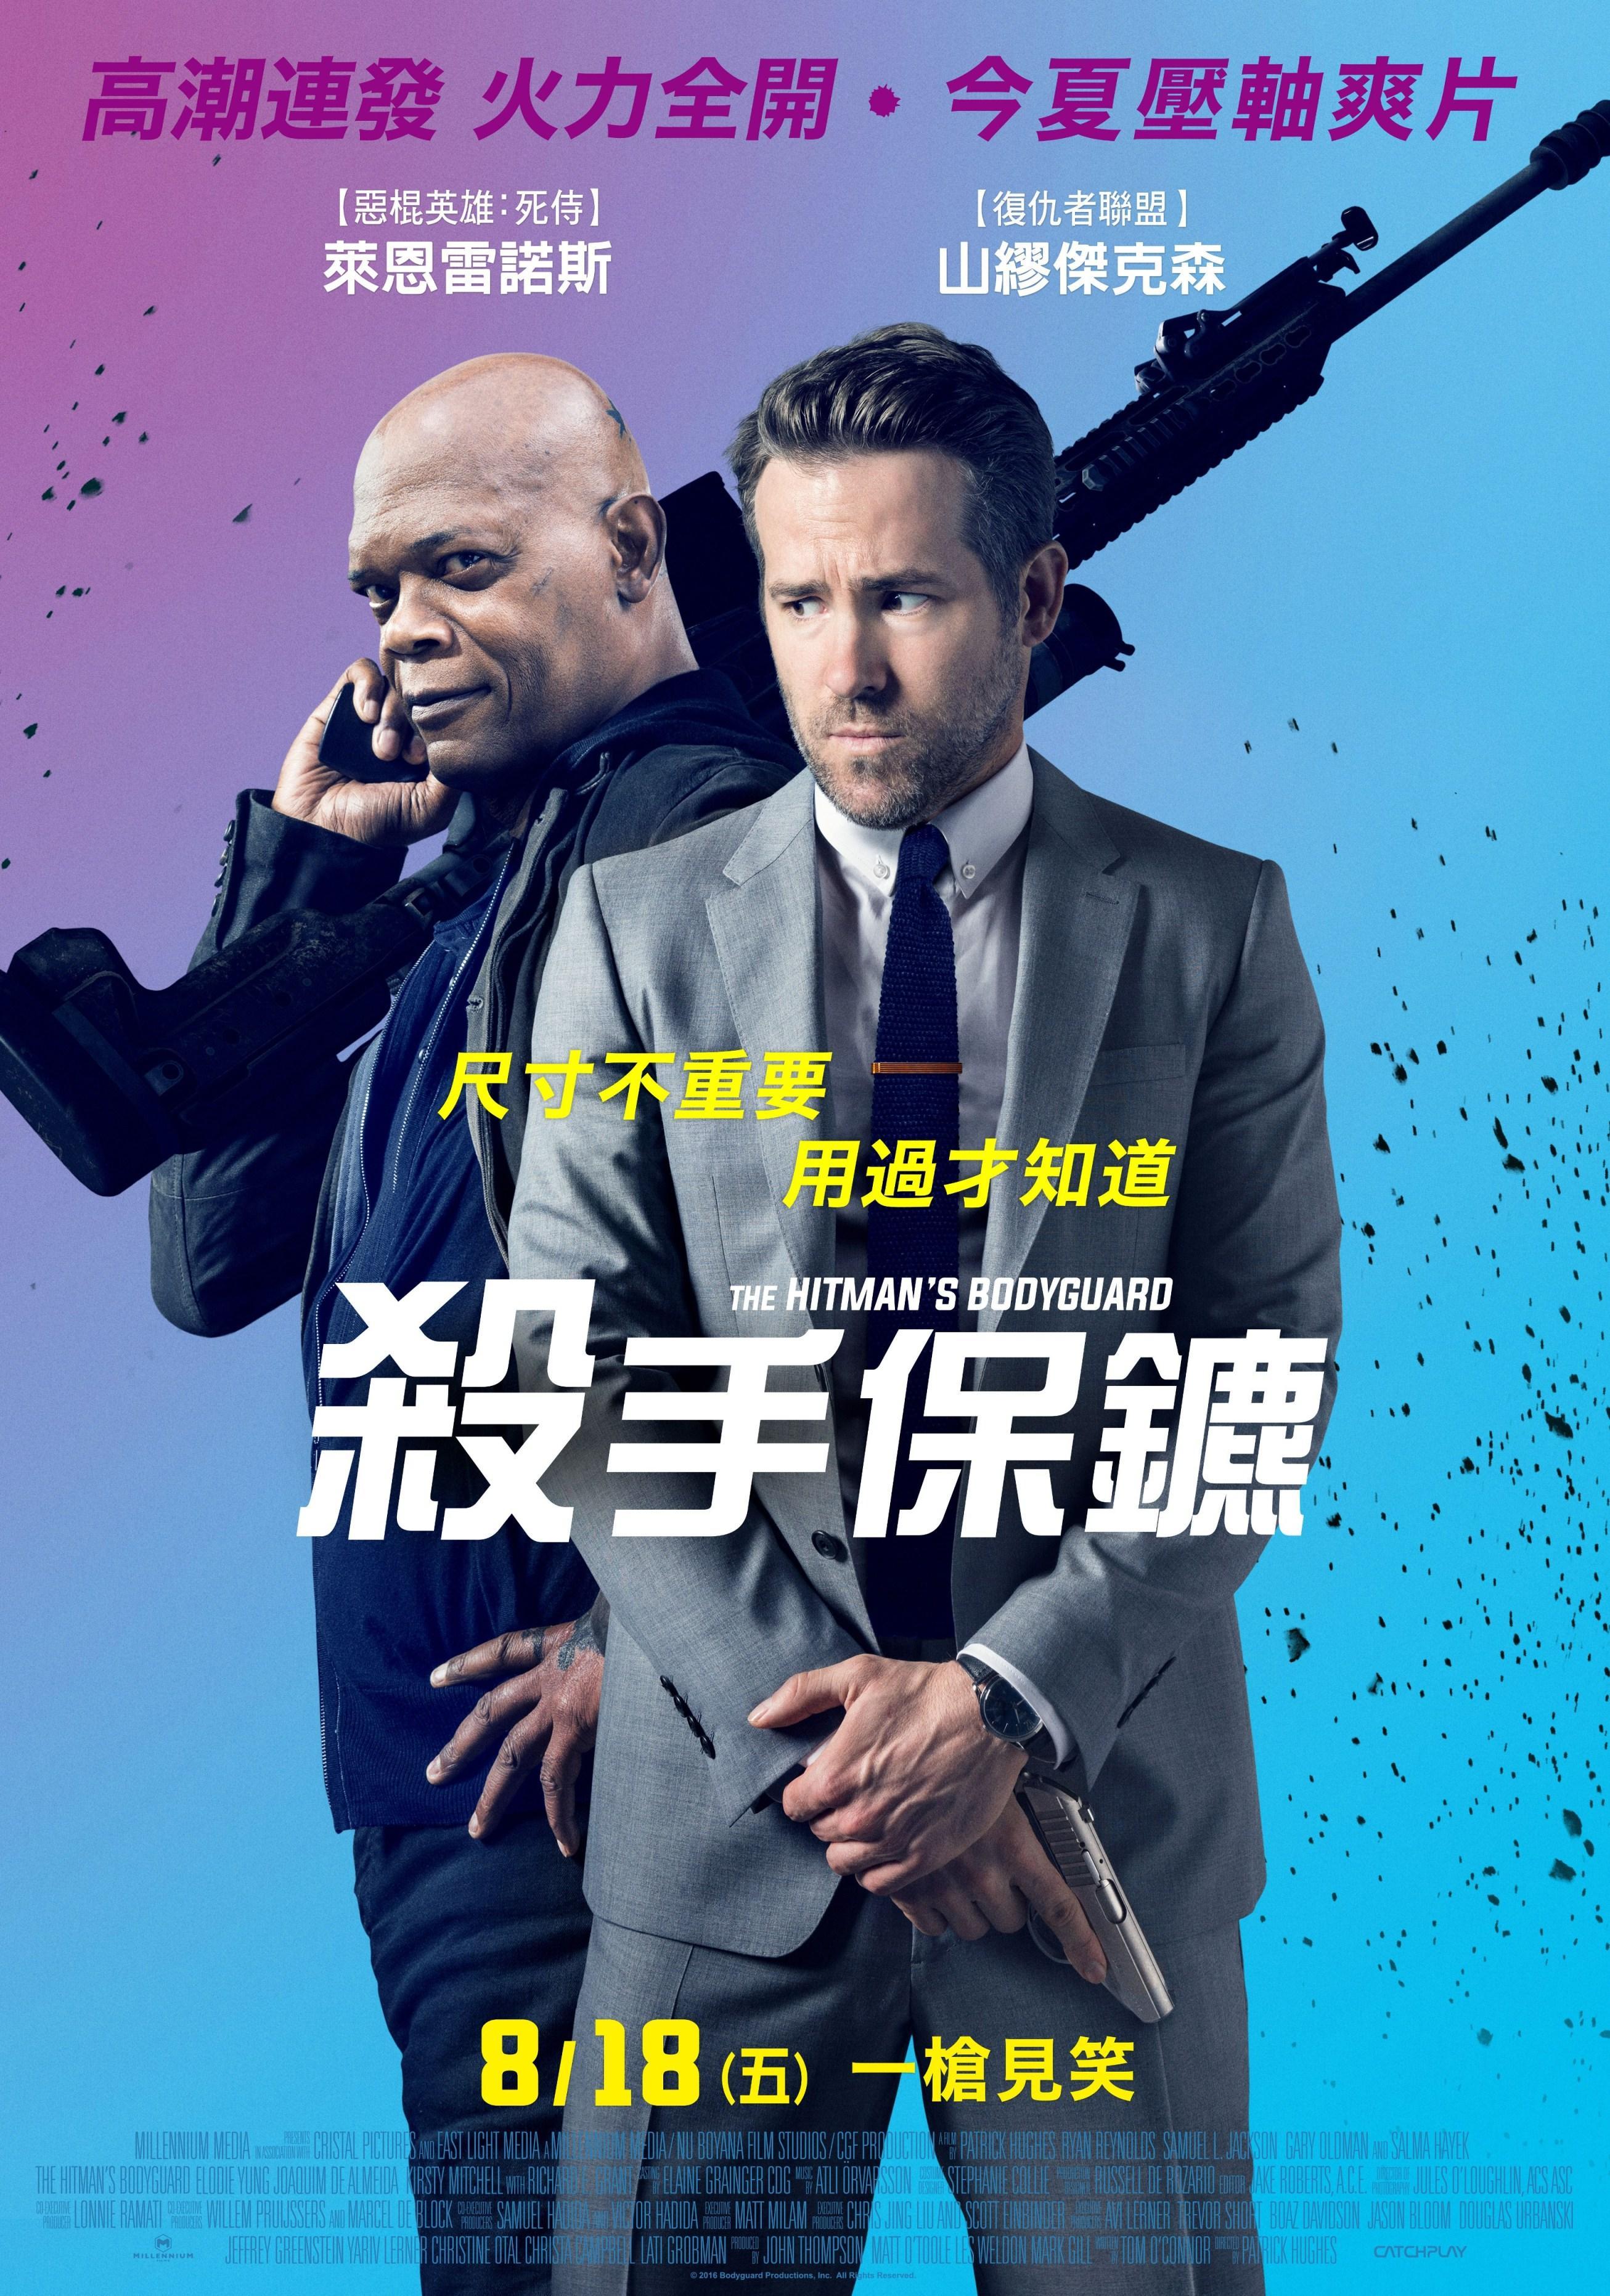 不輸《 死侍2 》萊恩雷諾斯 山繆傑克森 共同演出 電影 《 殺手保鏢 》